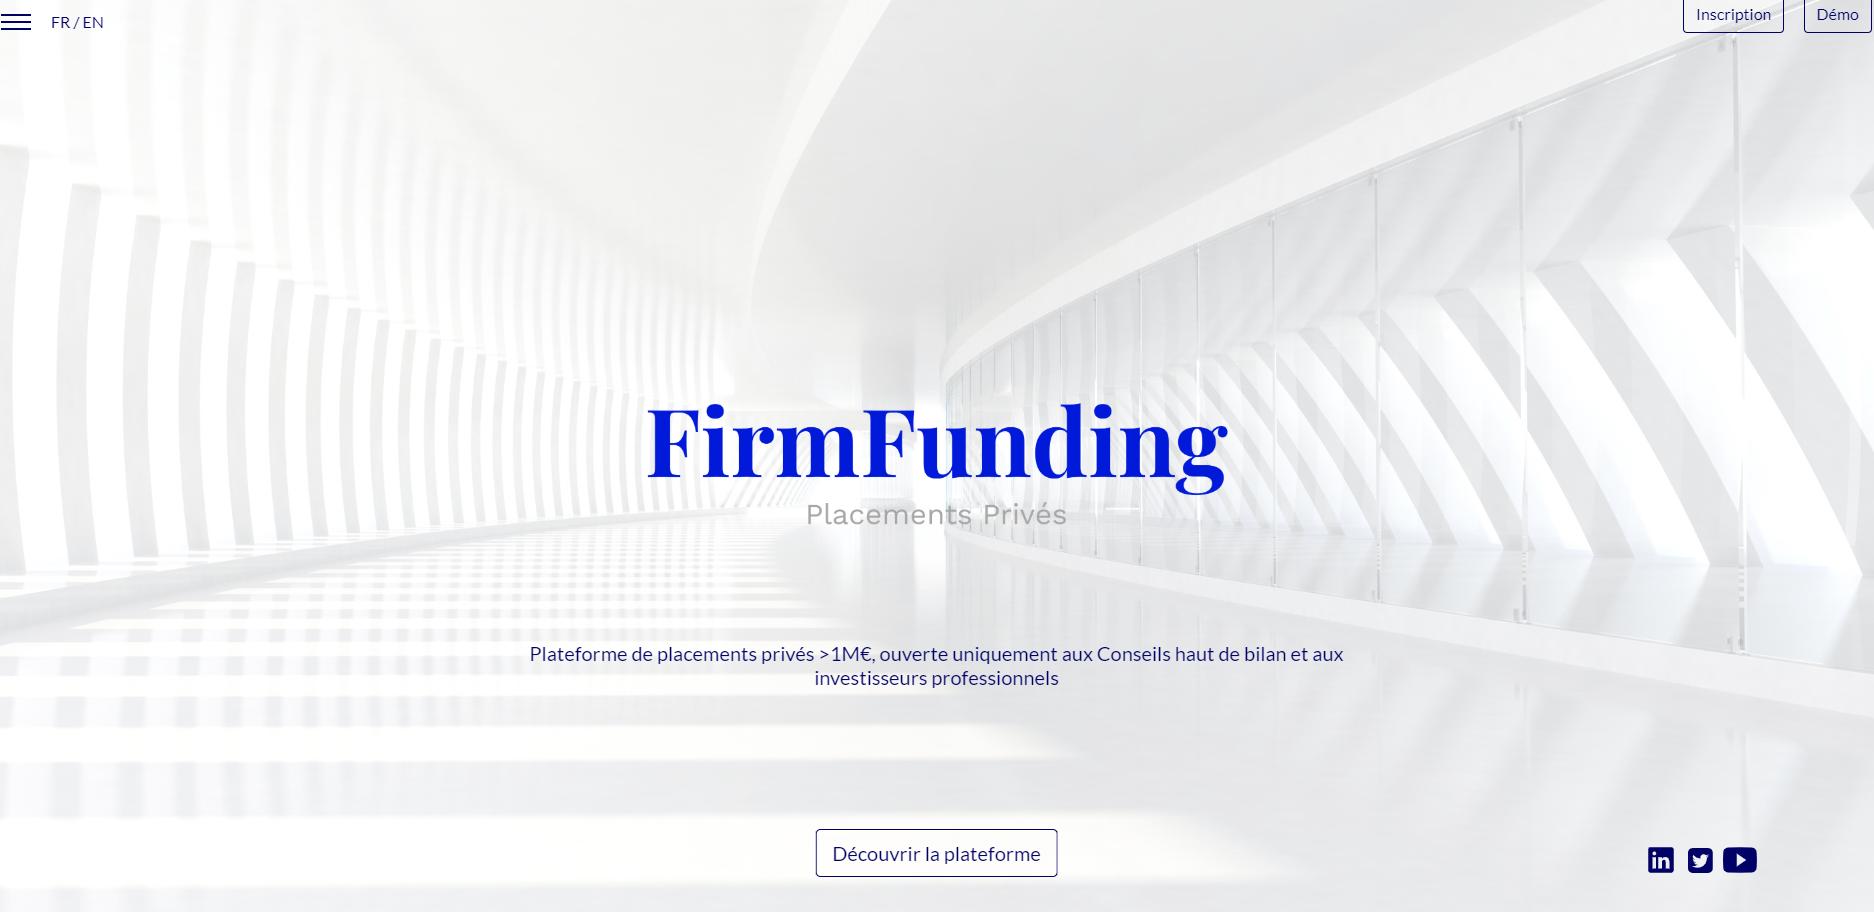 FirmFunding renforce son capital  avec l'arrivée de nouveaux actionnaires